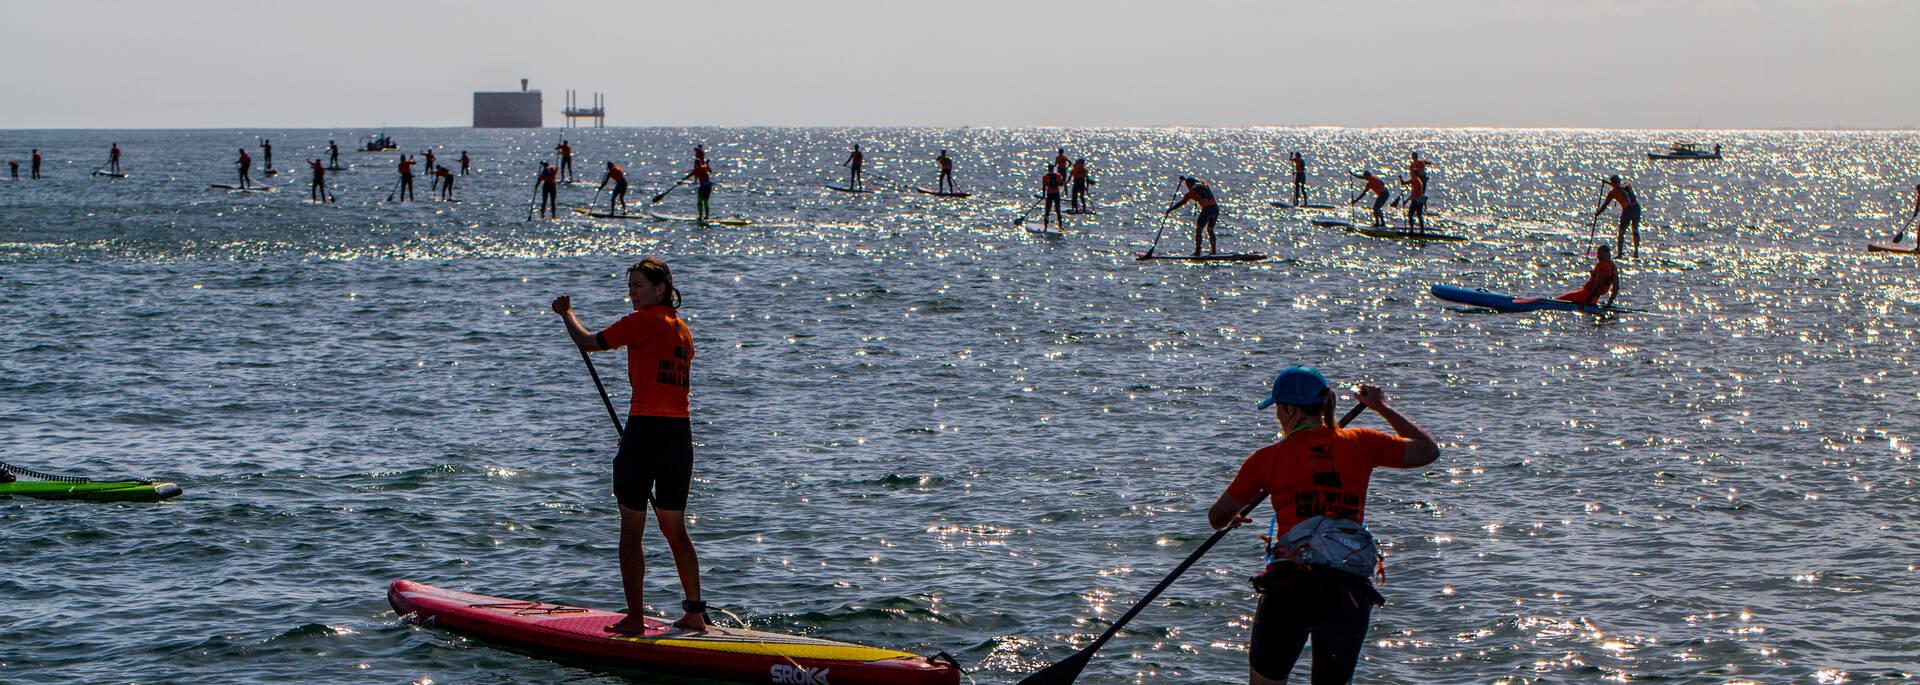 Fort Boyard Challenge, épreuve de stand-up paddle - © Images & Emotion